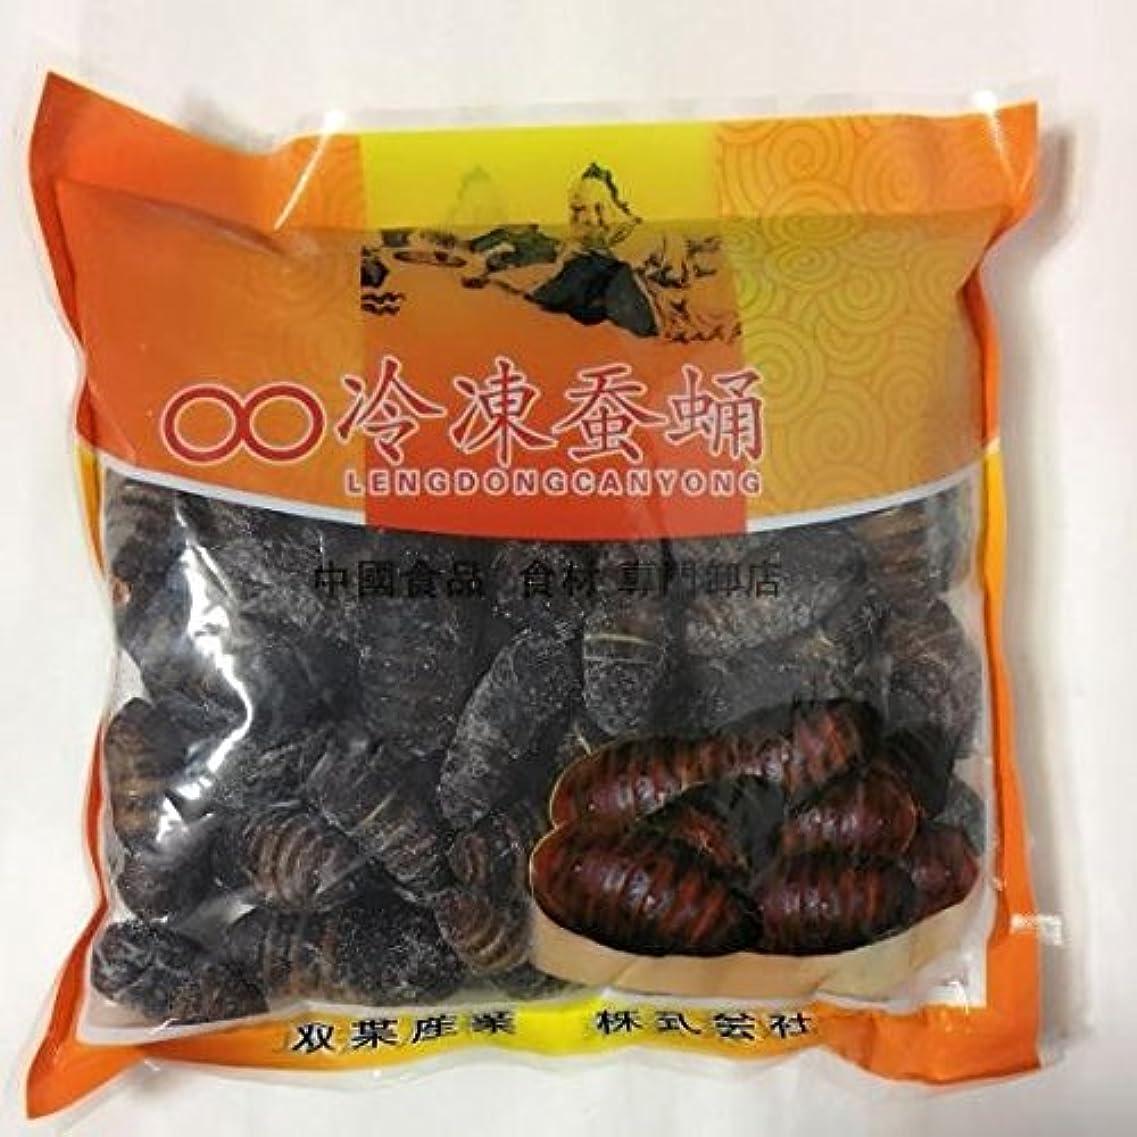 熱帯の契約する報酬の蚕蛹(さんよう) 生 食用 カイコのさなぎ タンパク質たっぷり 中華食材 冷凍食品 500g